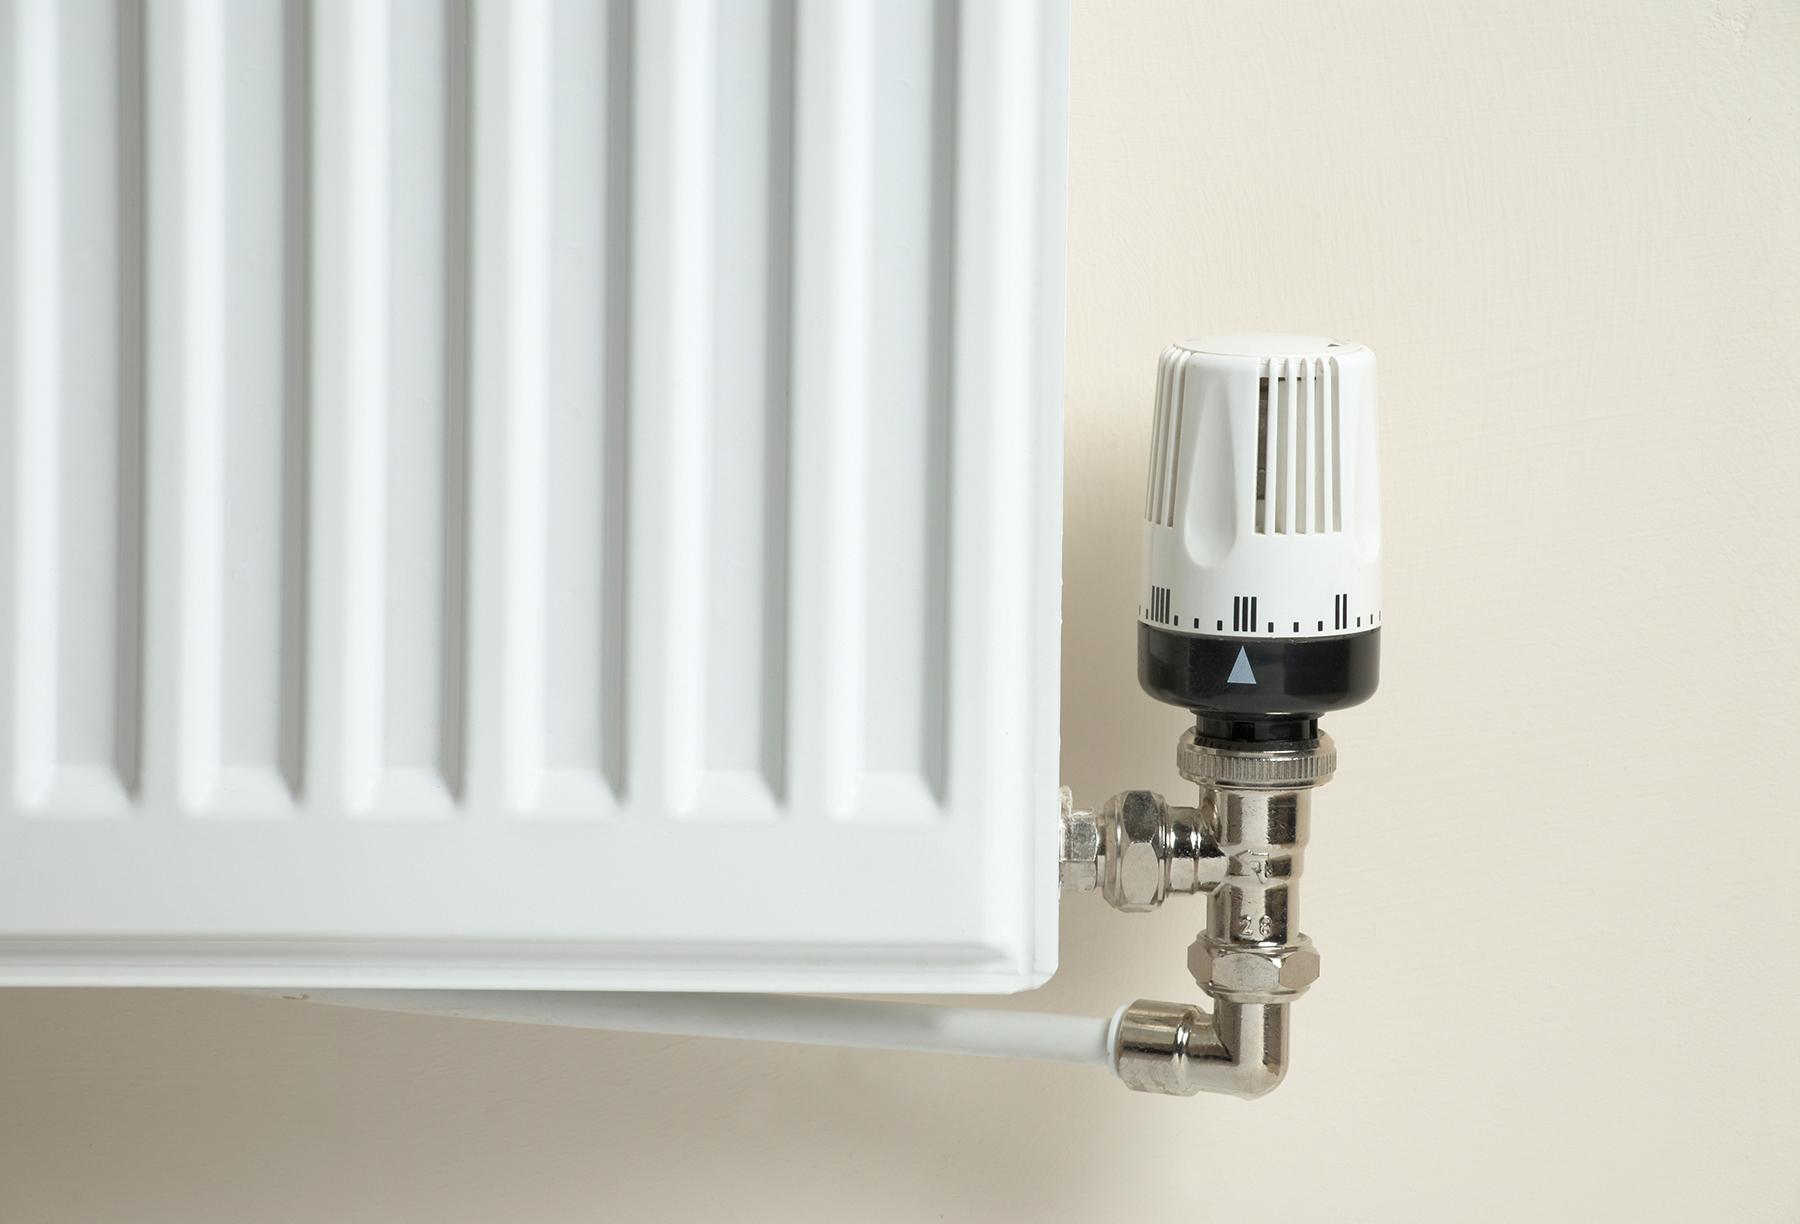 Как подключить радиатор: нюансы выбора и установки отопительных приборов